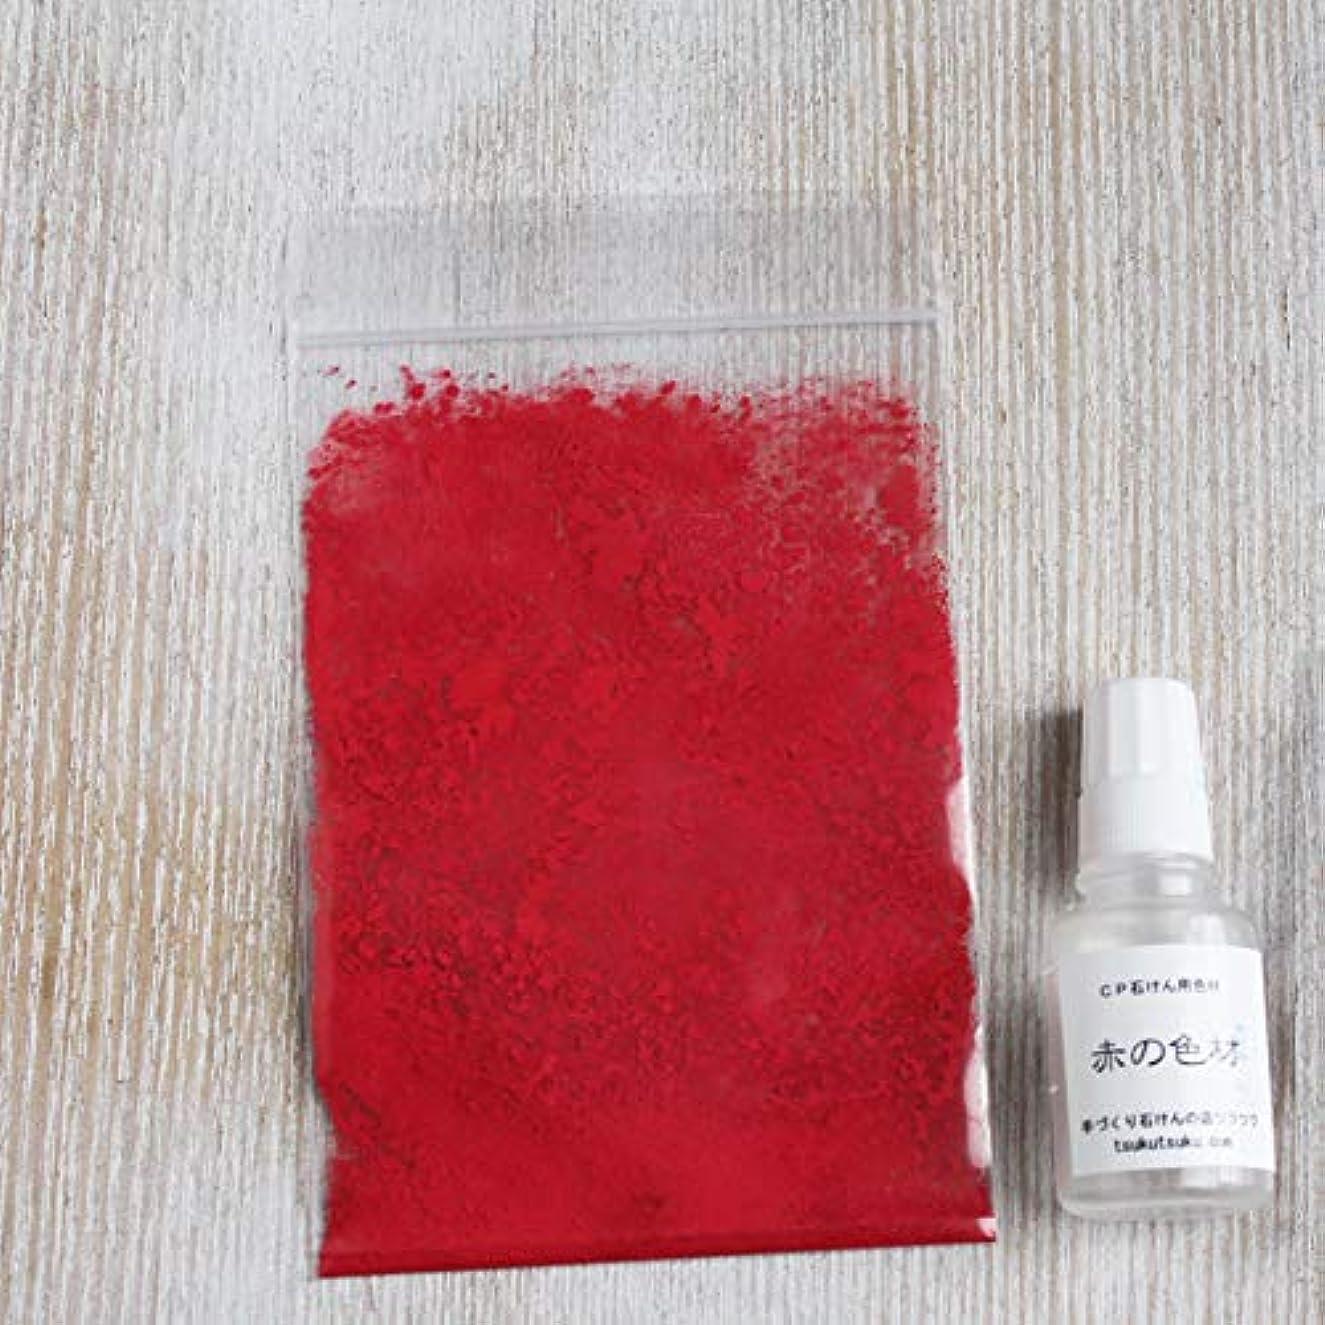 モッキンバード空中白雪姫CP石けん用色材 赤の色材キット/手作り石けん?手作り化粧品材料